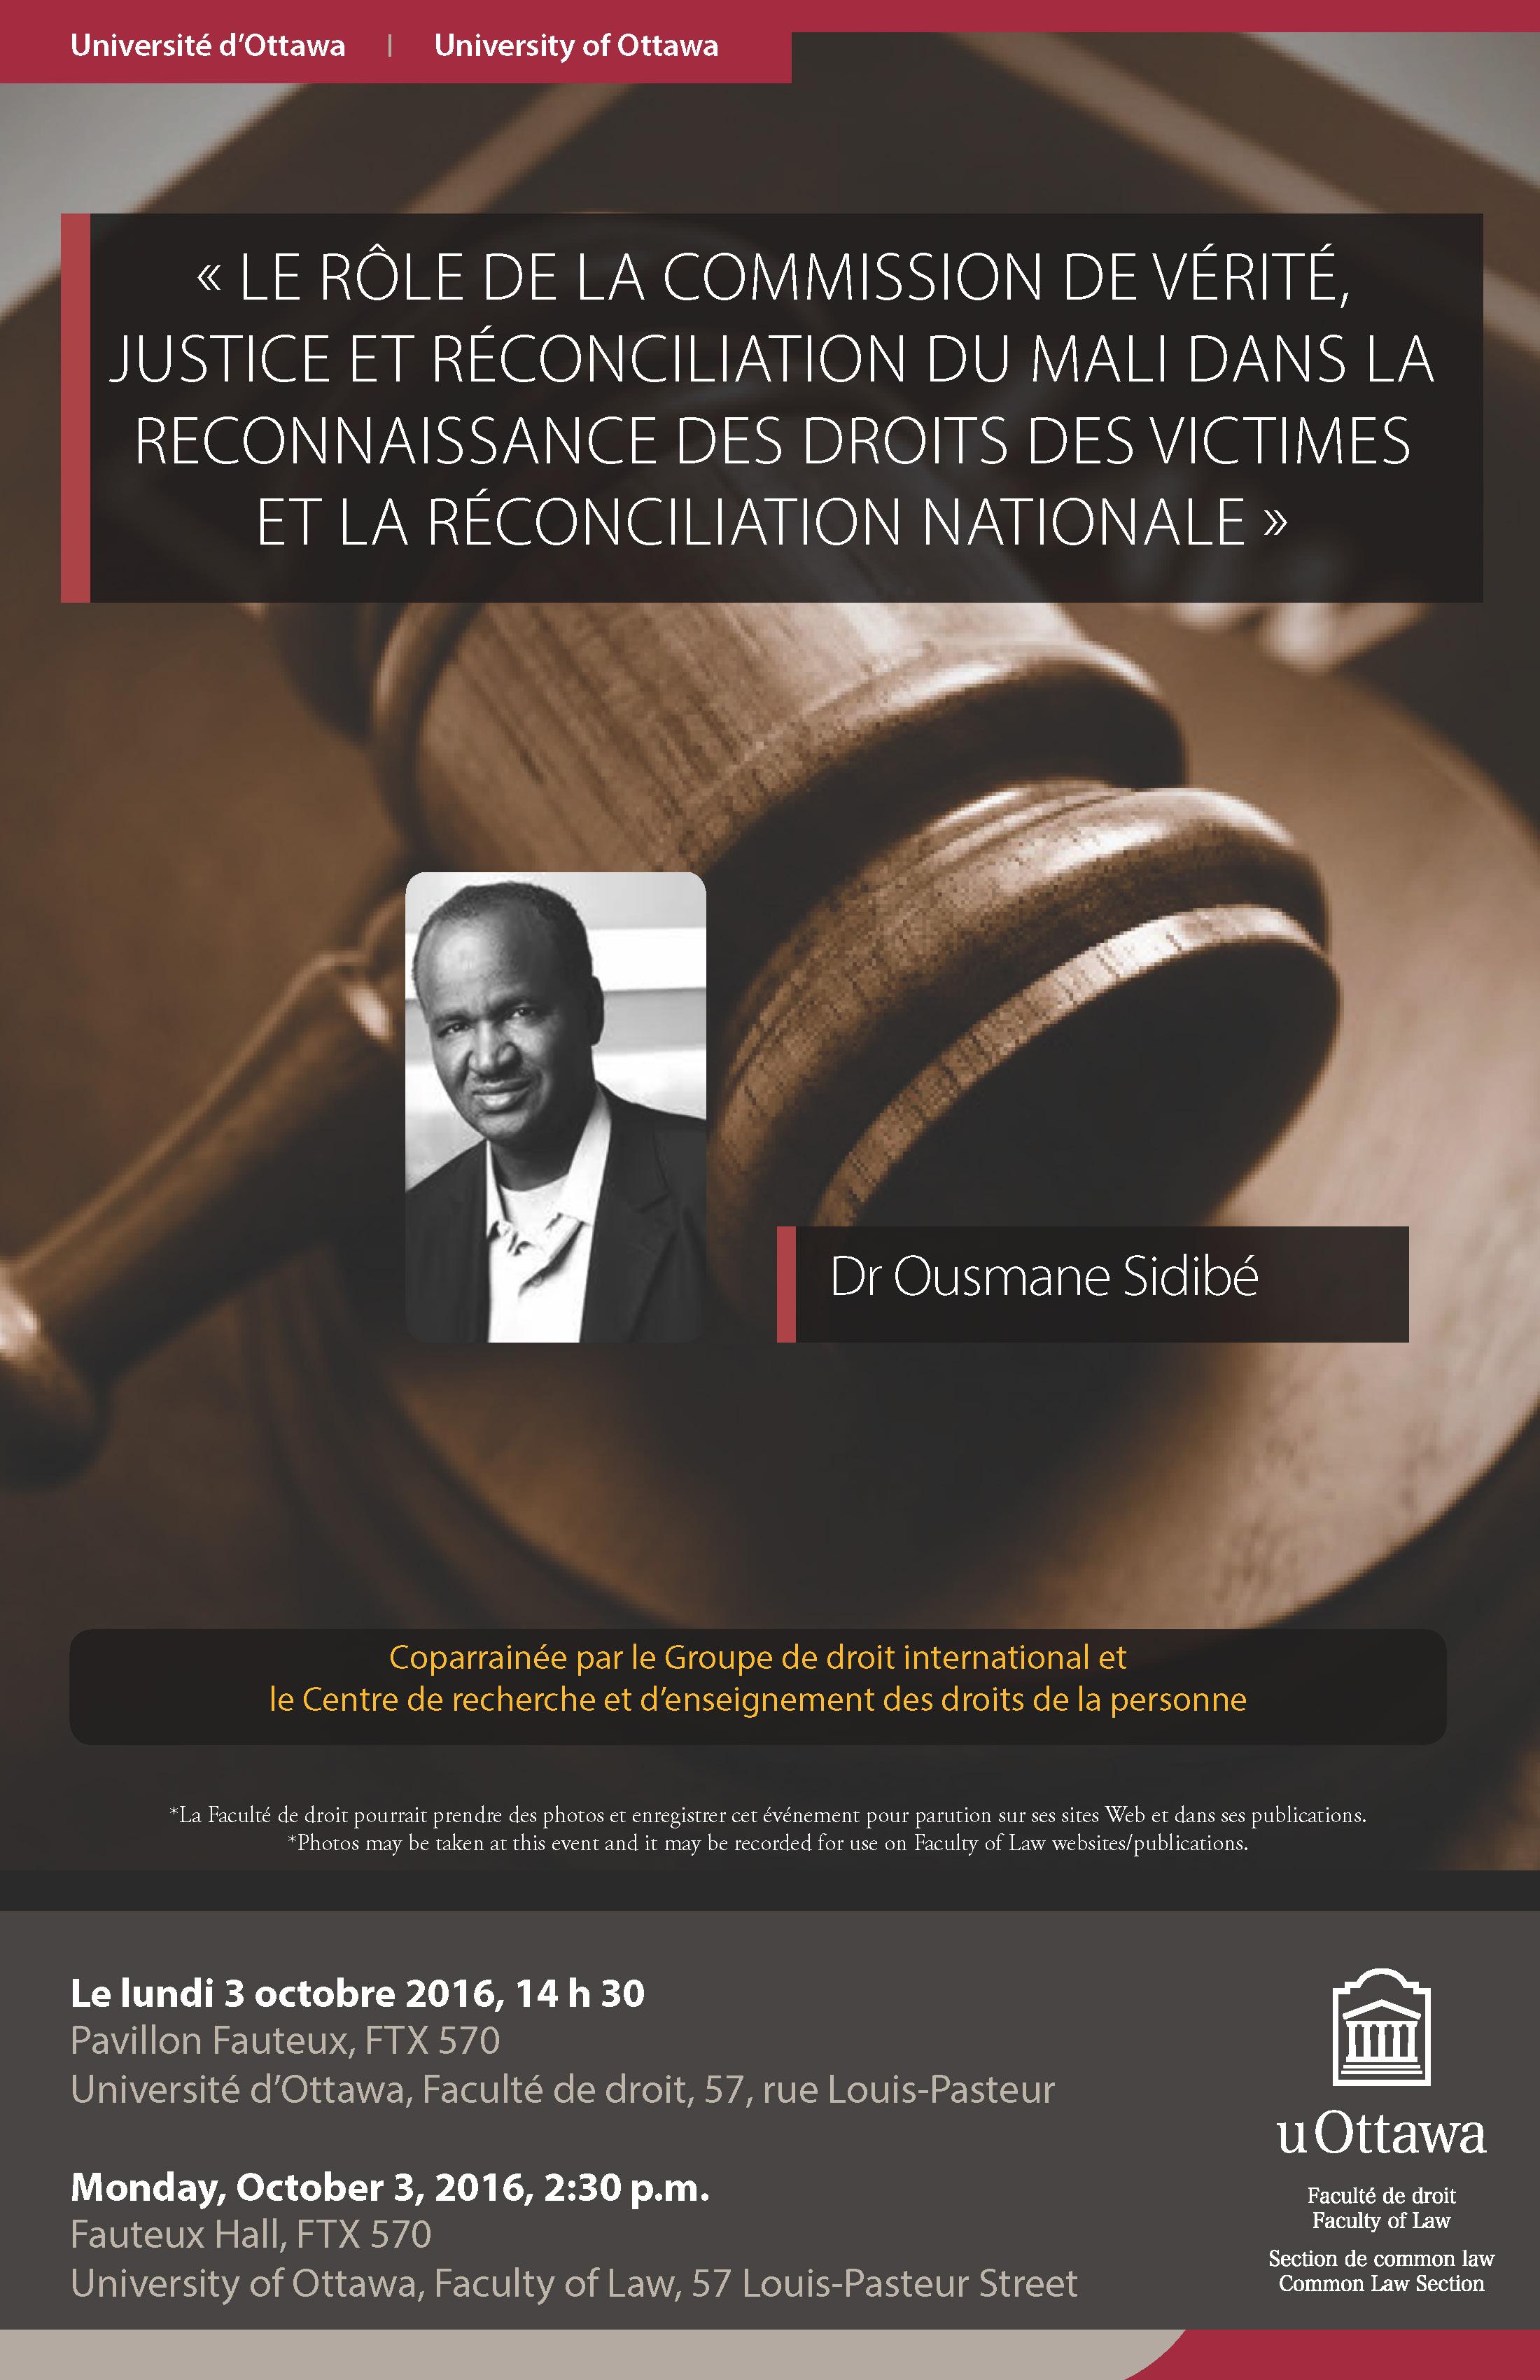 Le rôle de la commission de vérité, justice et réconciliation du Mali avec Ousmane Sibidé